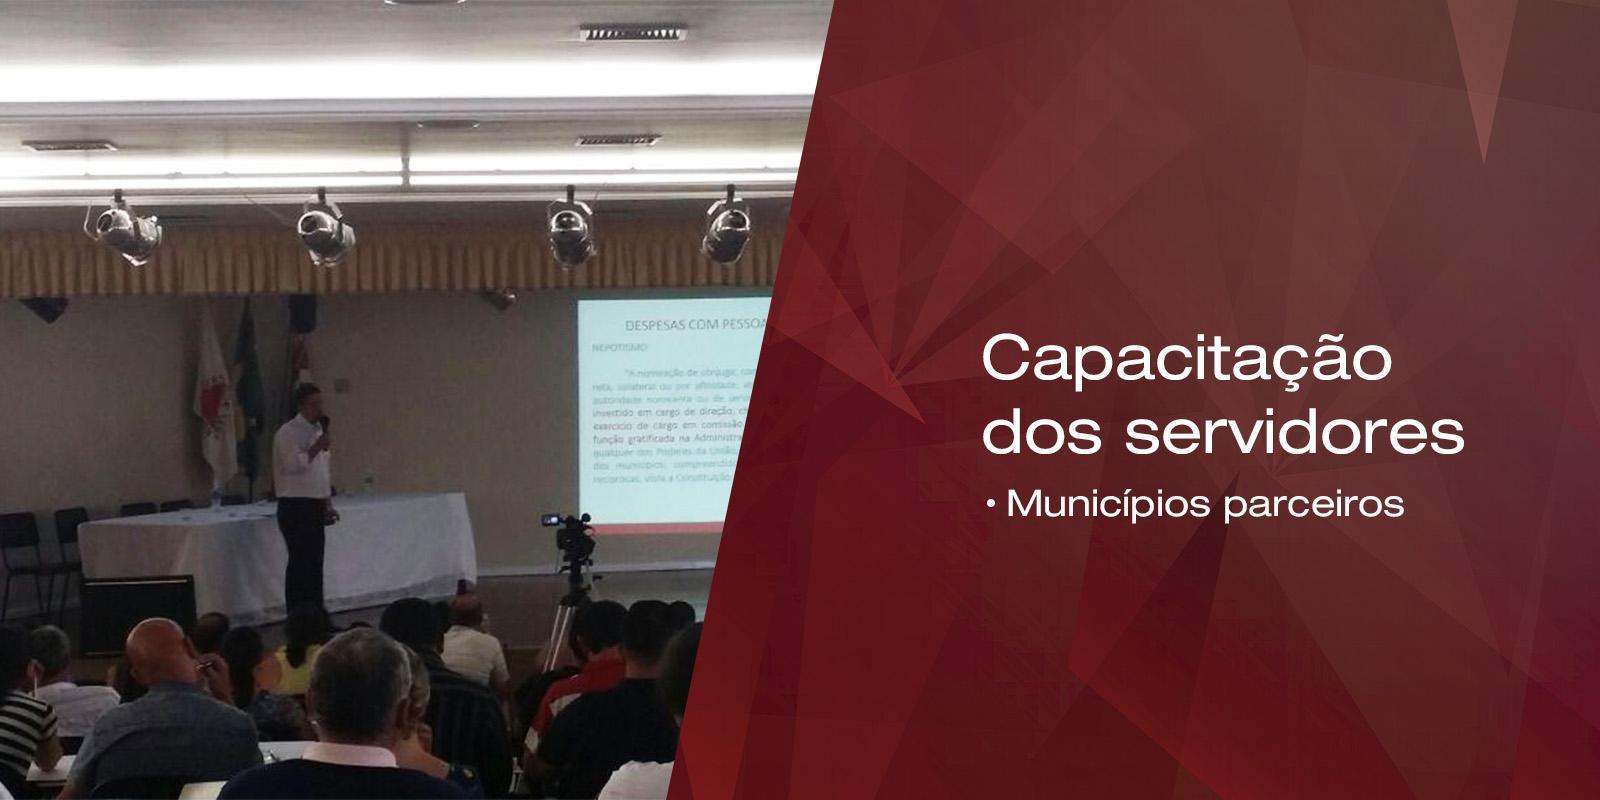 Evento de capacitação de servidores municipais 2017